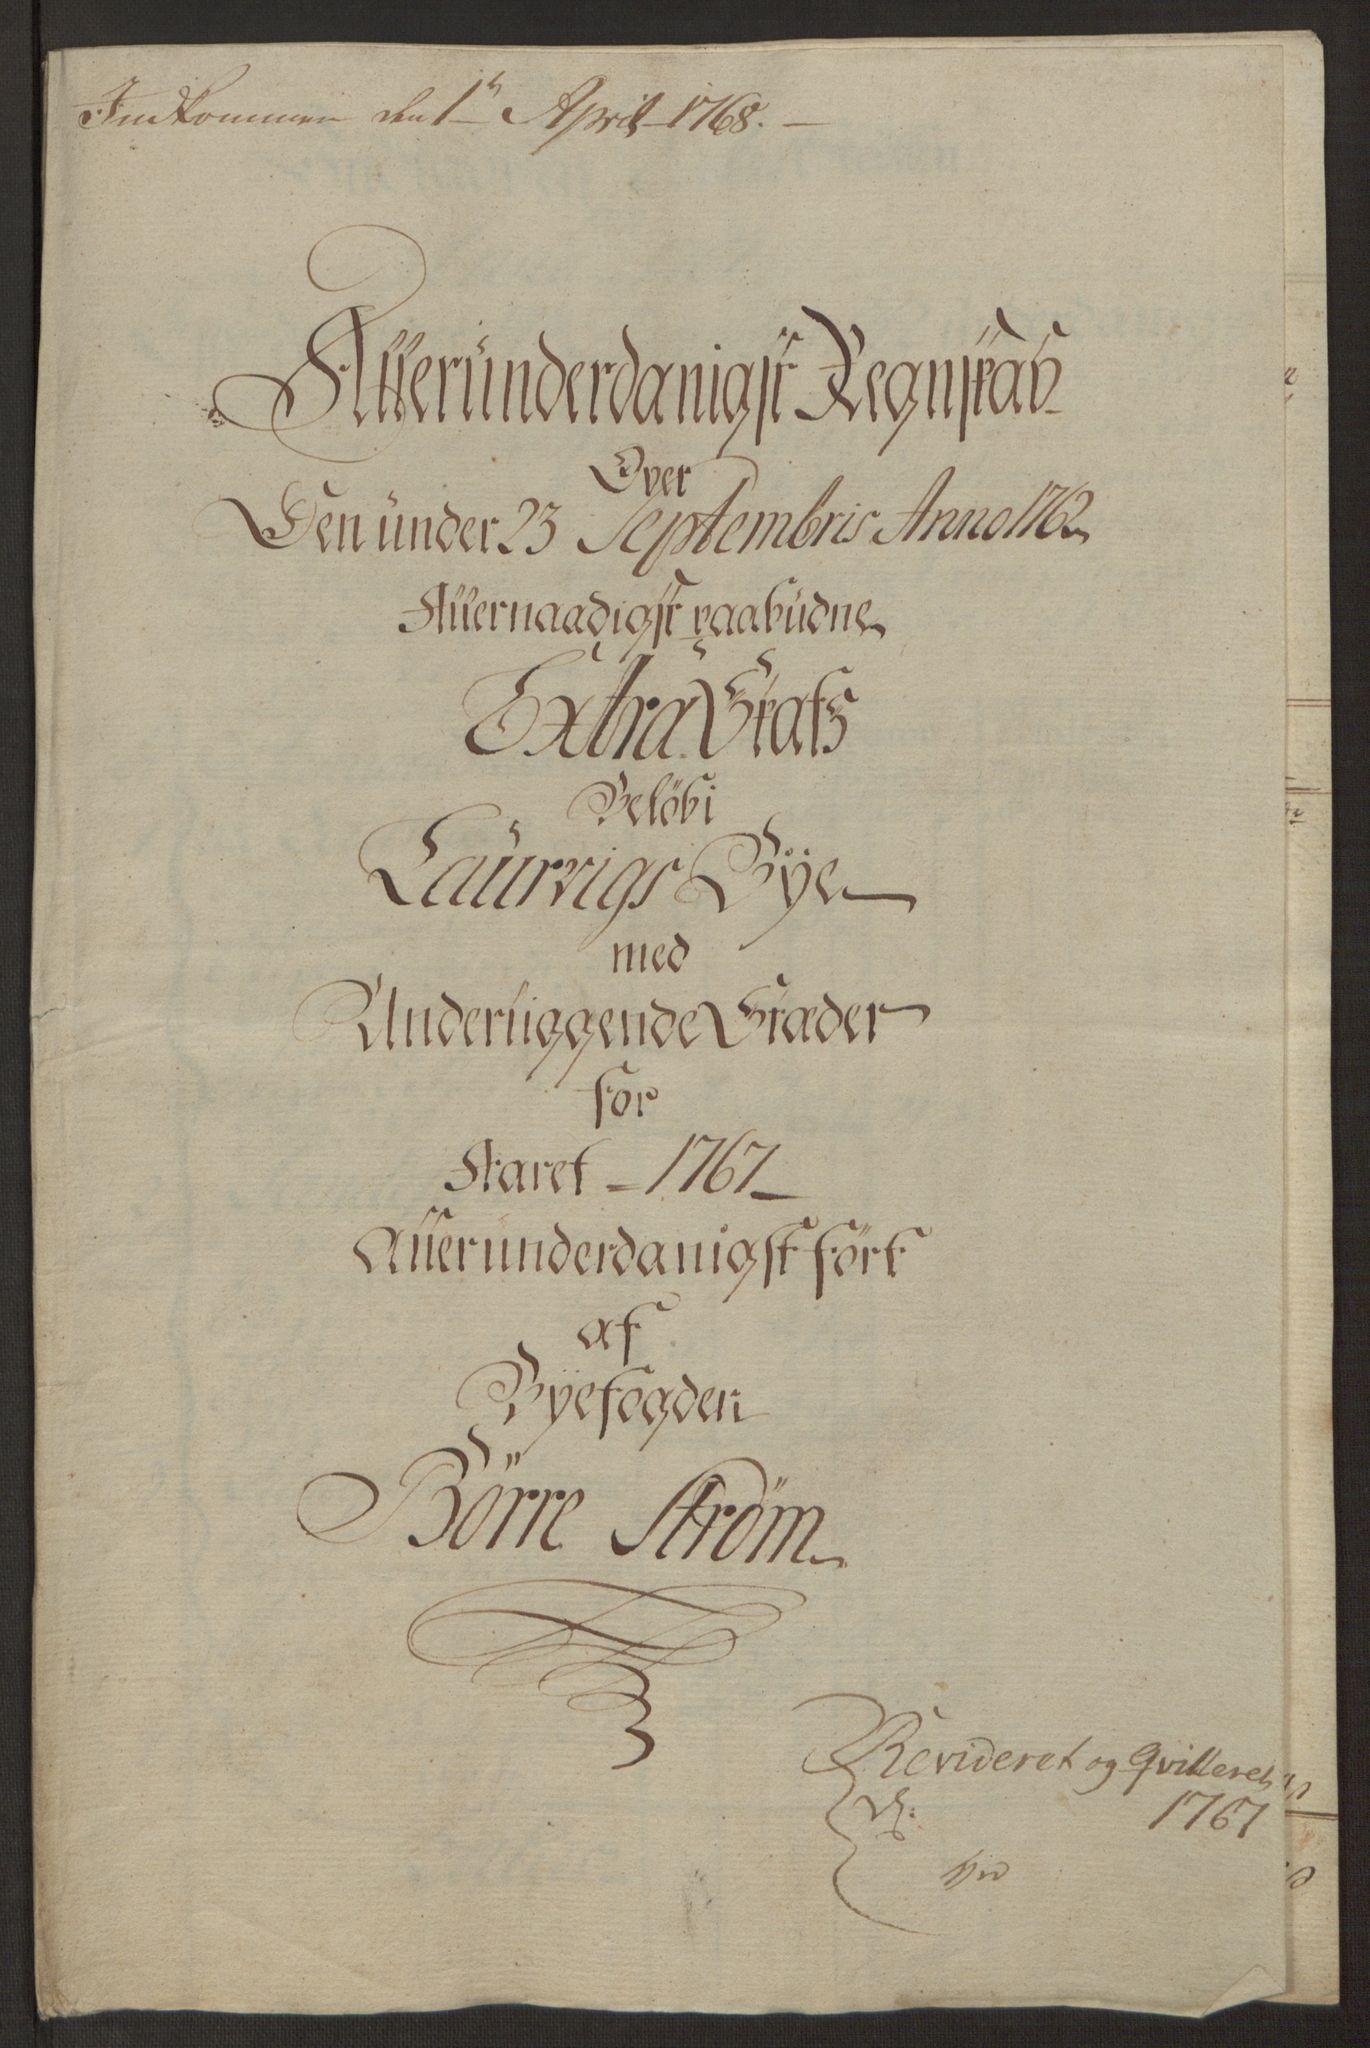 RA, Rentekammeret inntil 1814, Reviderte regnskaper, Byregnskaper, R/Ri/L0183: [I4] Kontribusjonsregnskap, 1762-1768, s. 378